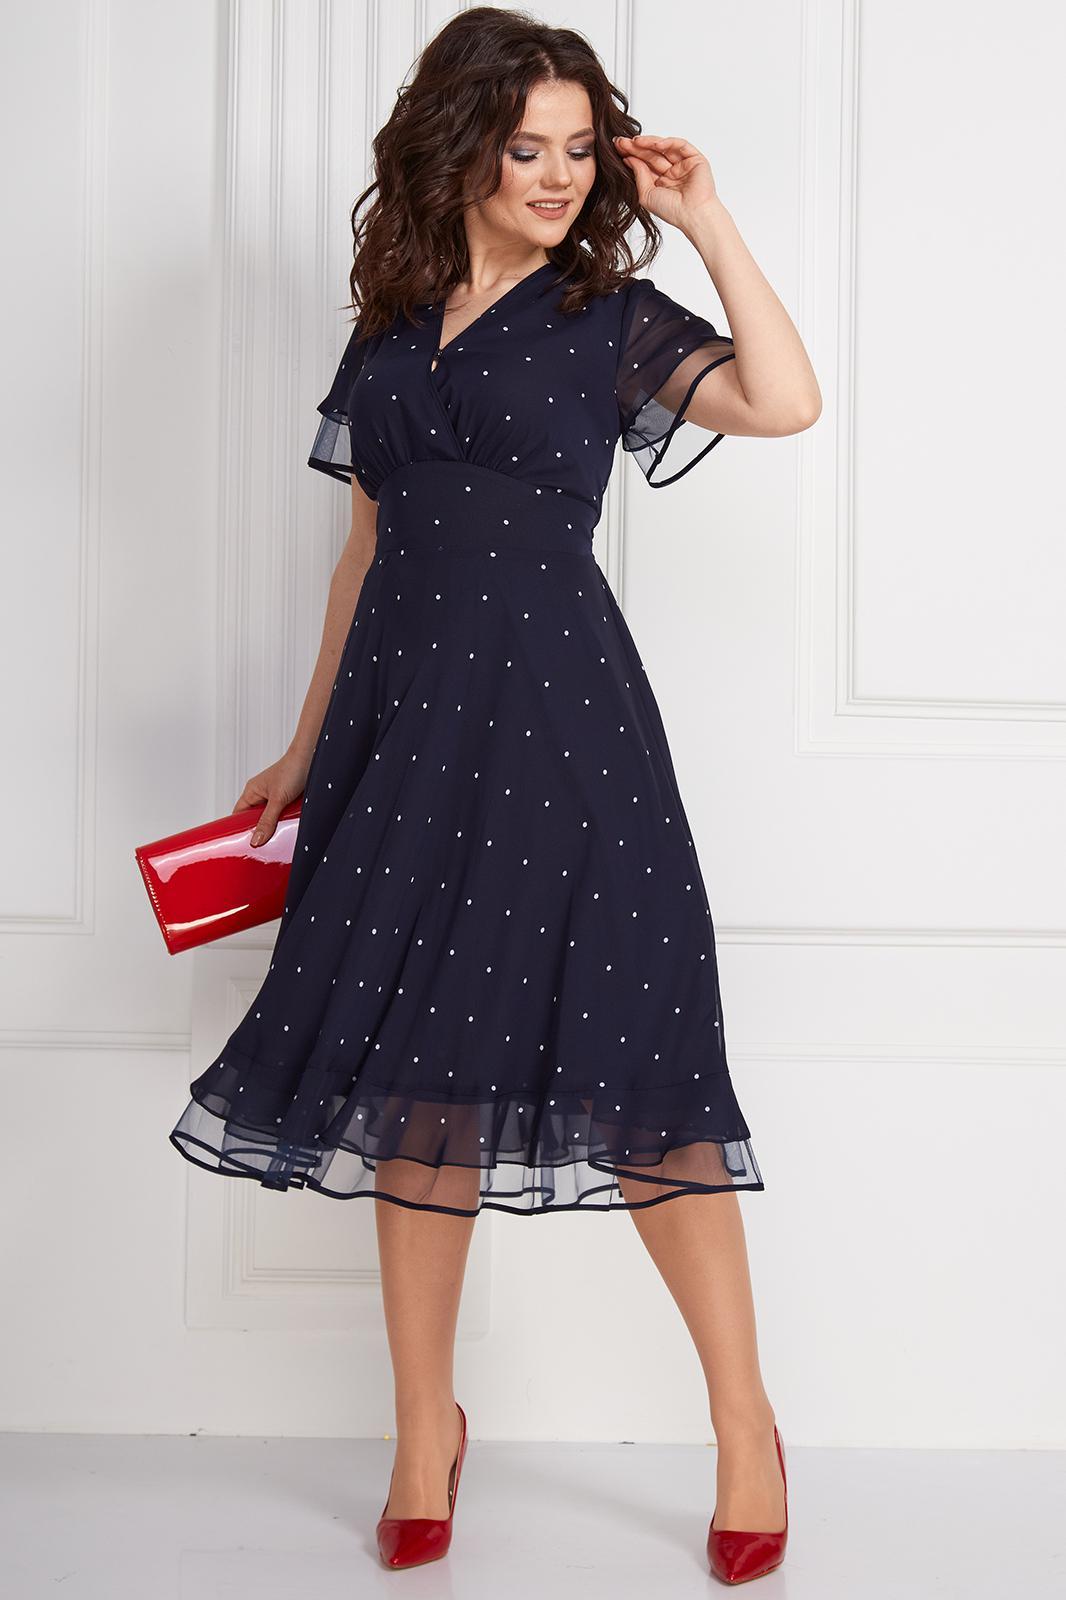 4e52705ffa4 Купить платье в интернет-магазине в Минске. Белорусские женские платья